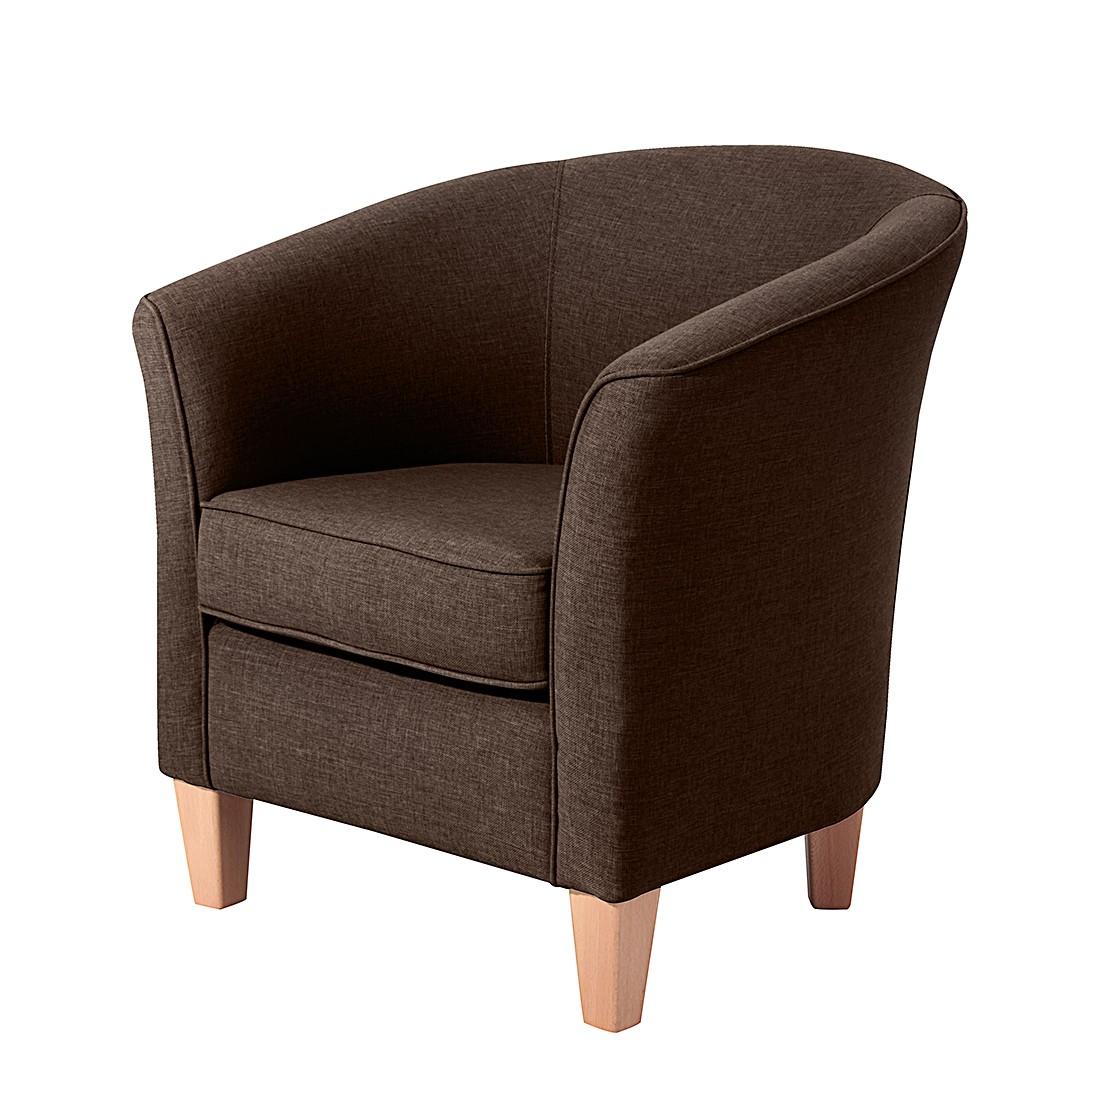 Breit 43cm tief max winzer preisvergleiche for Sessel 80 breit